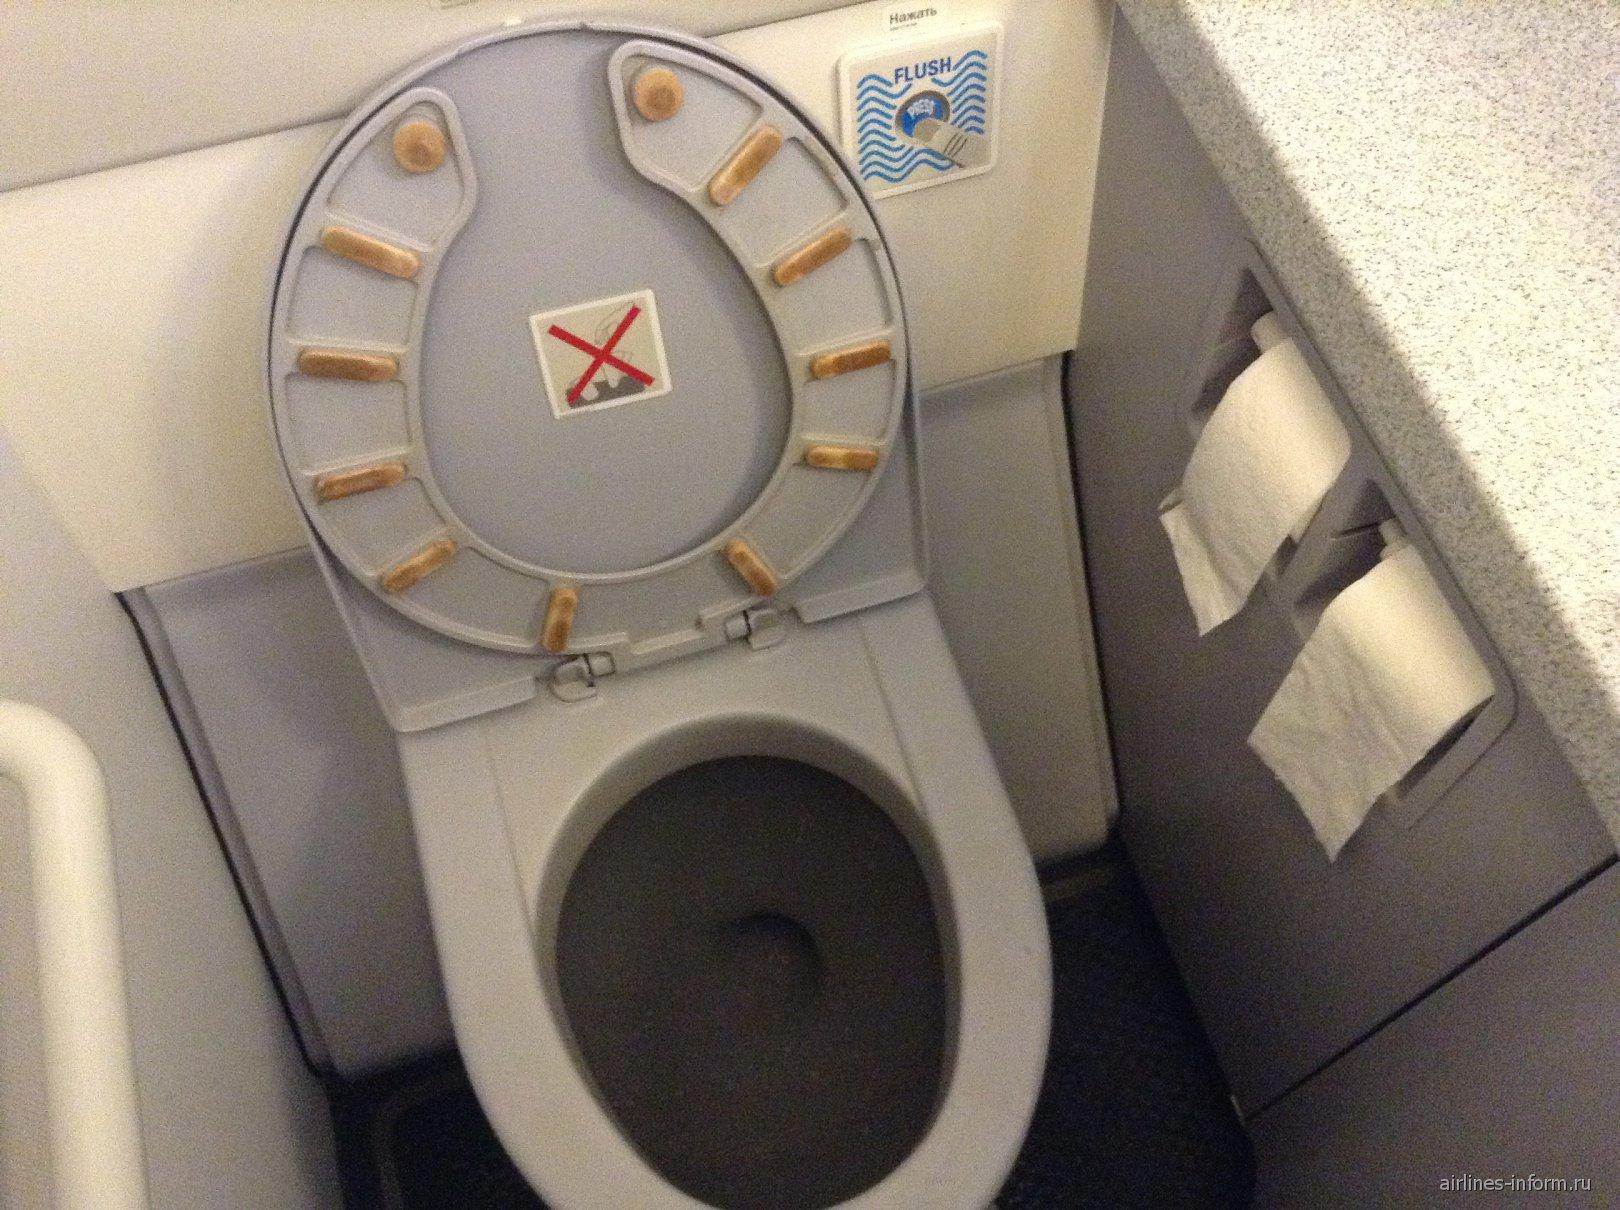 Сам туалет был очень чистым